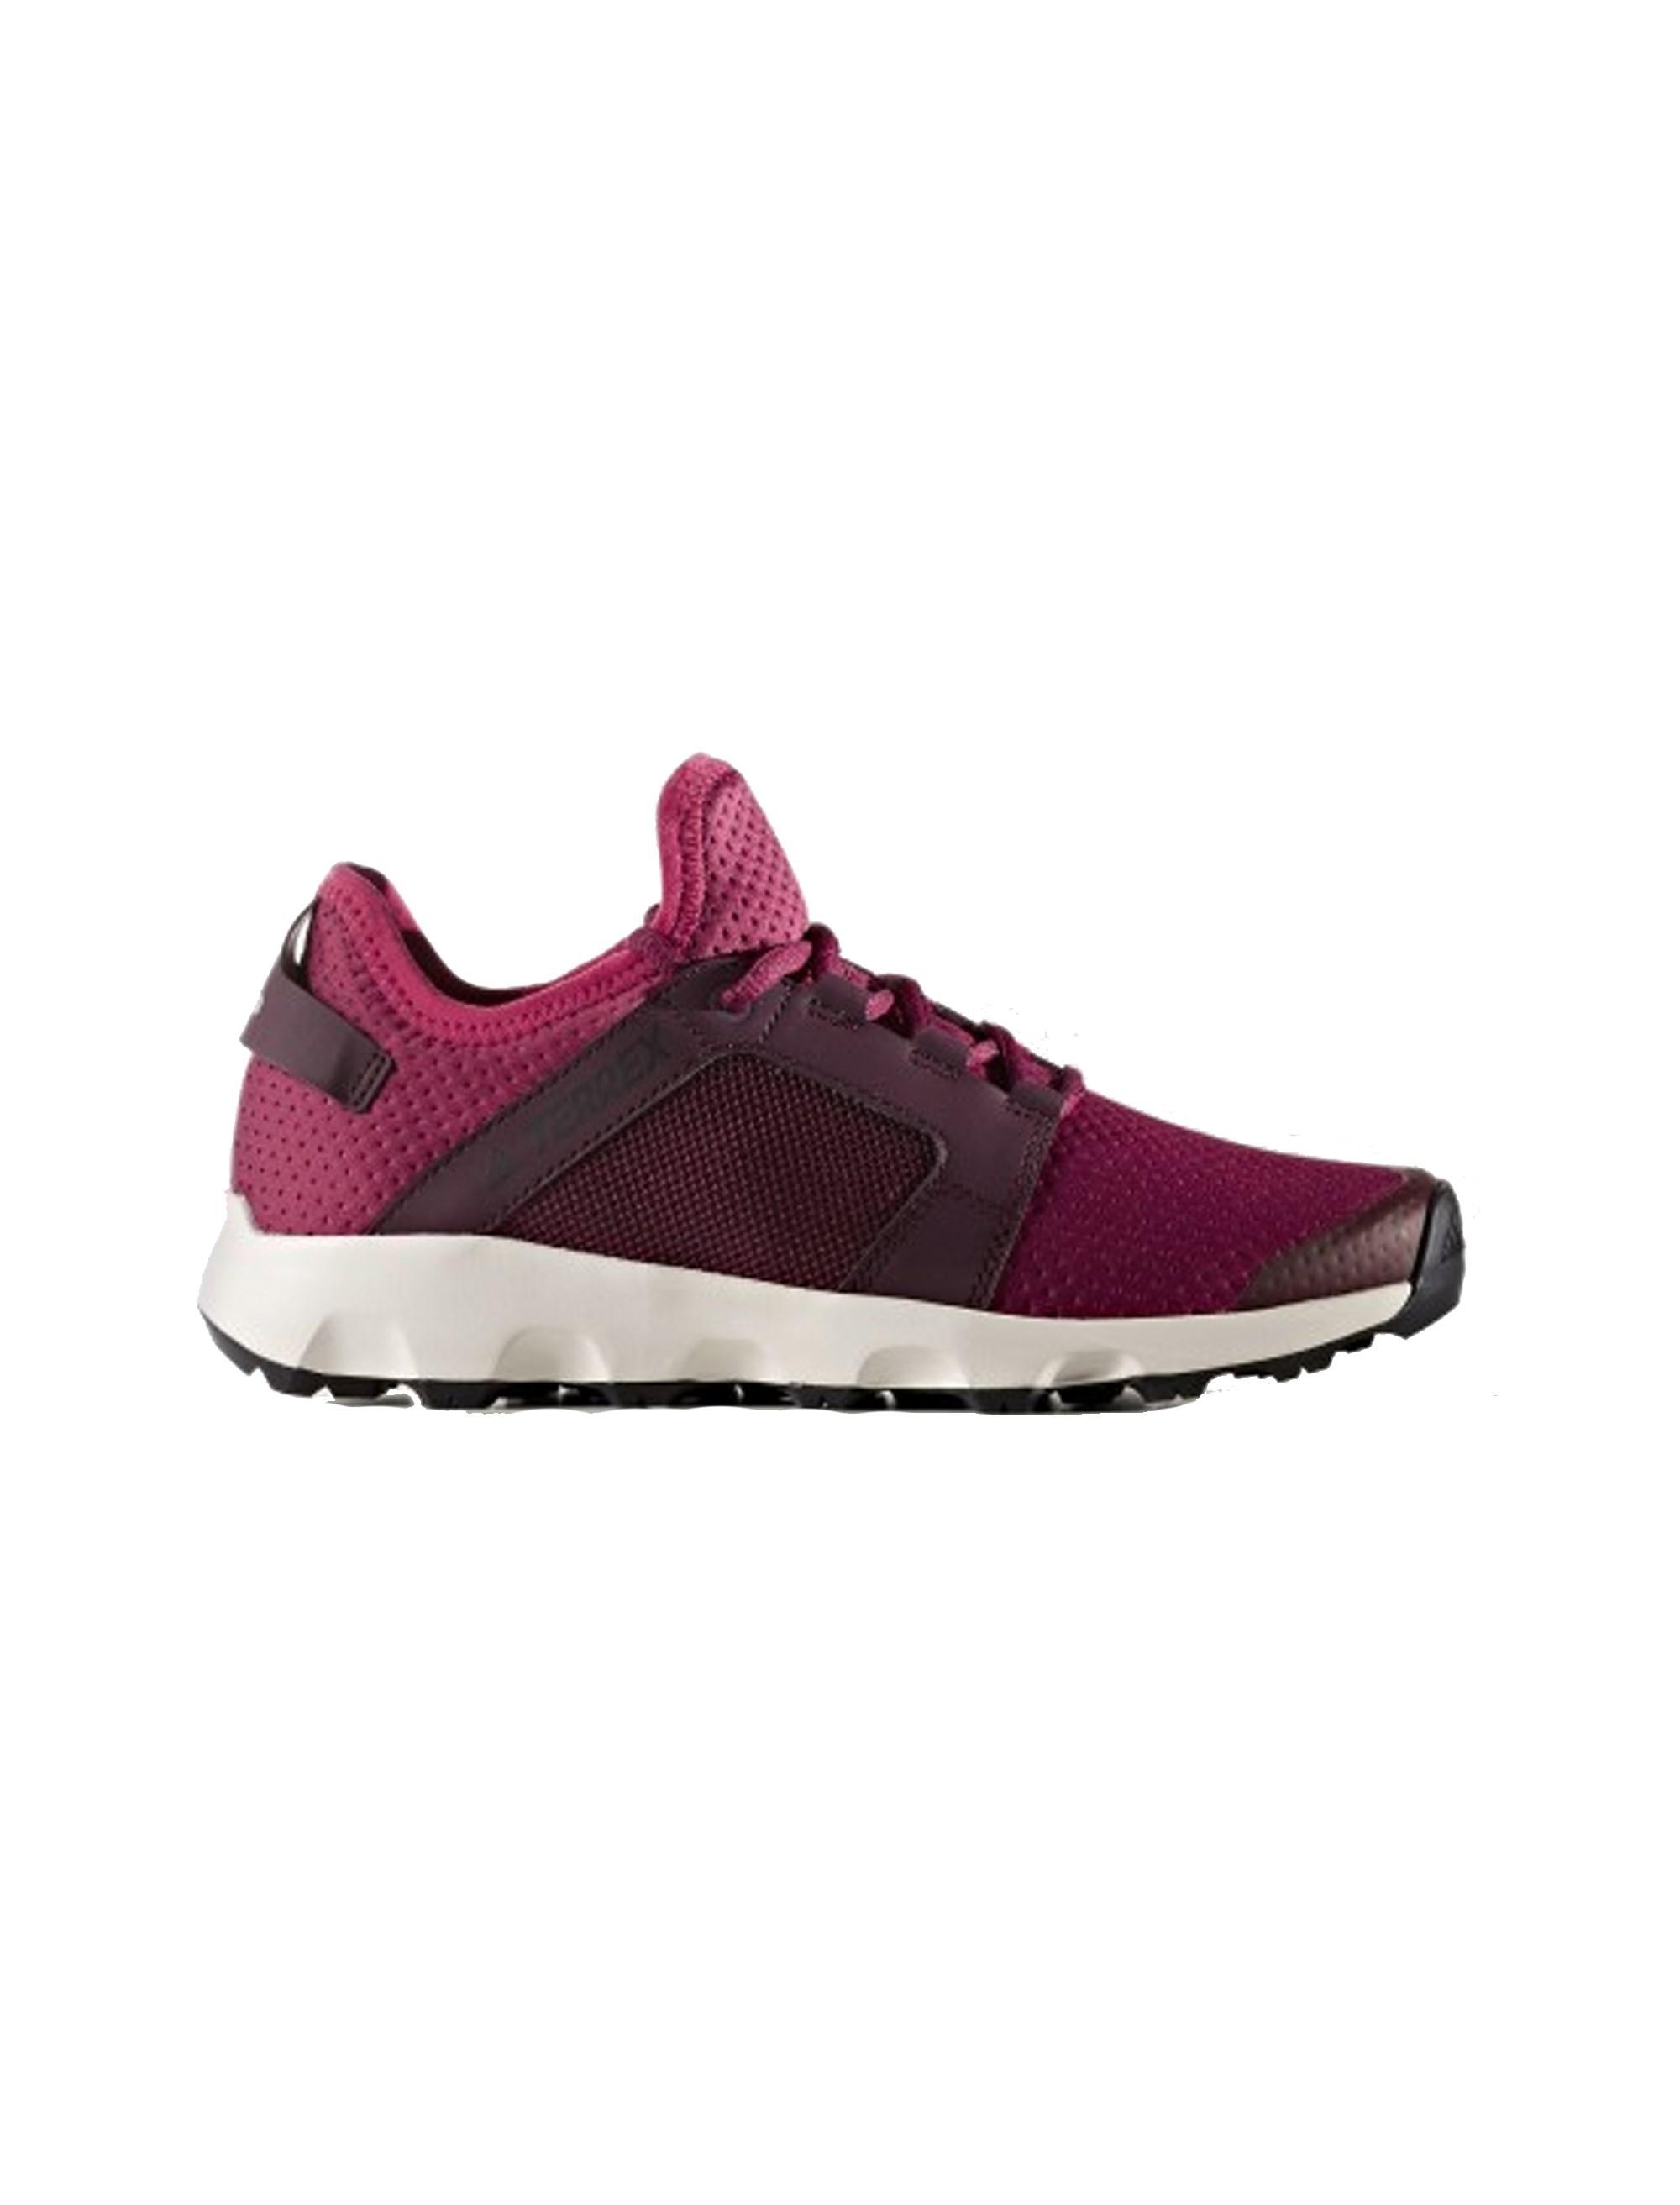 خرید کفش طبیعت گردی زنانه آدیداس مدل TERREX Voyager DLX